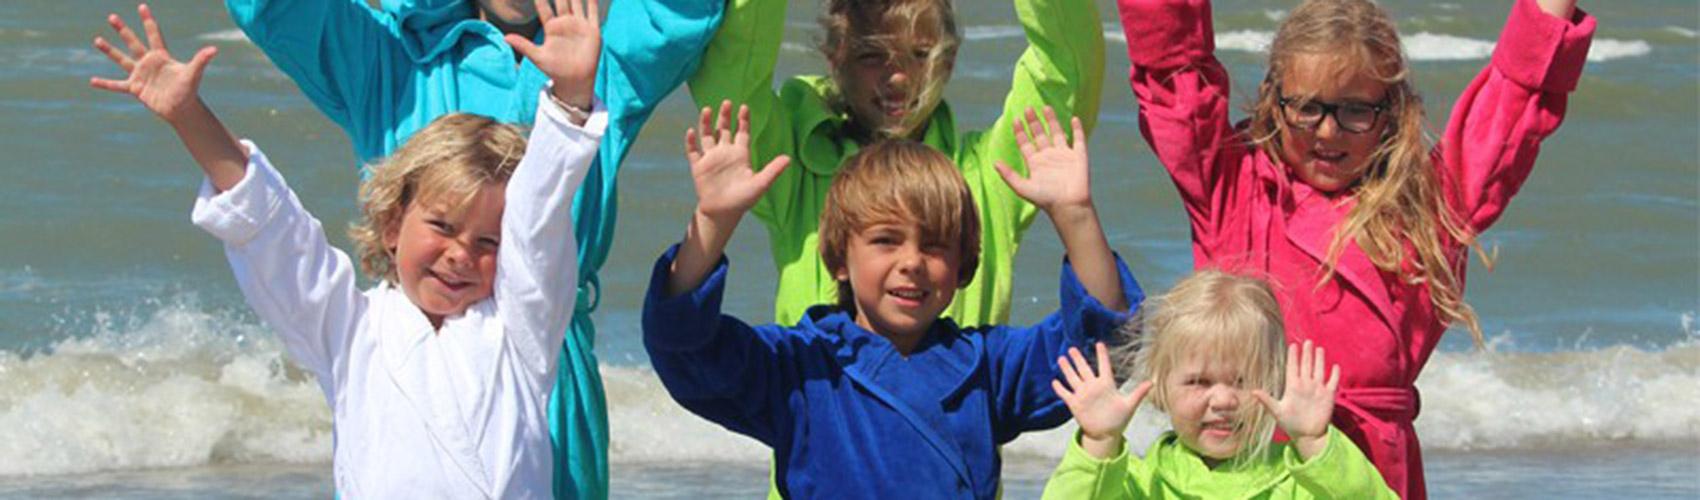 Kinderbadjassen en babybadjassen bij Badjasparadijs